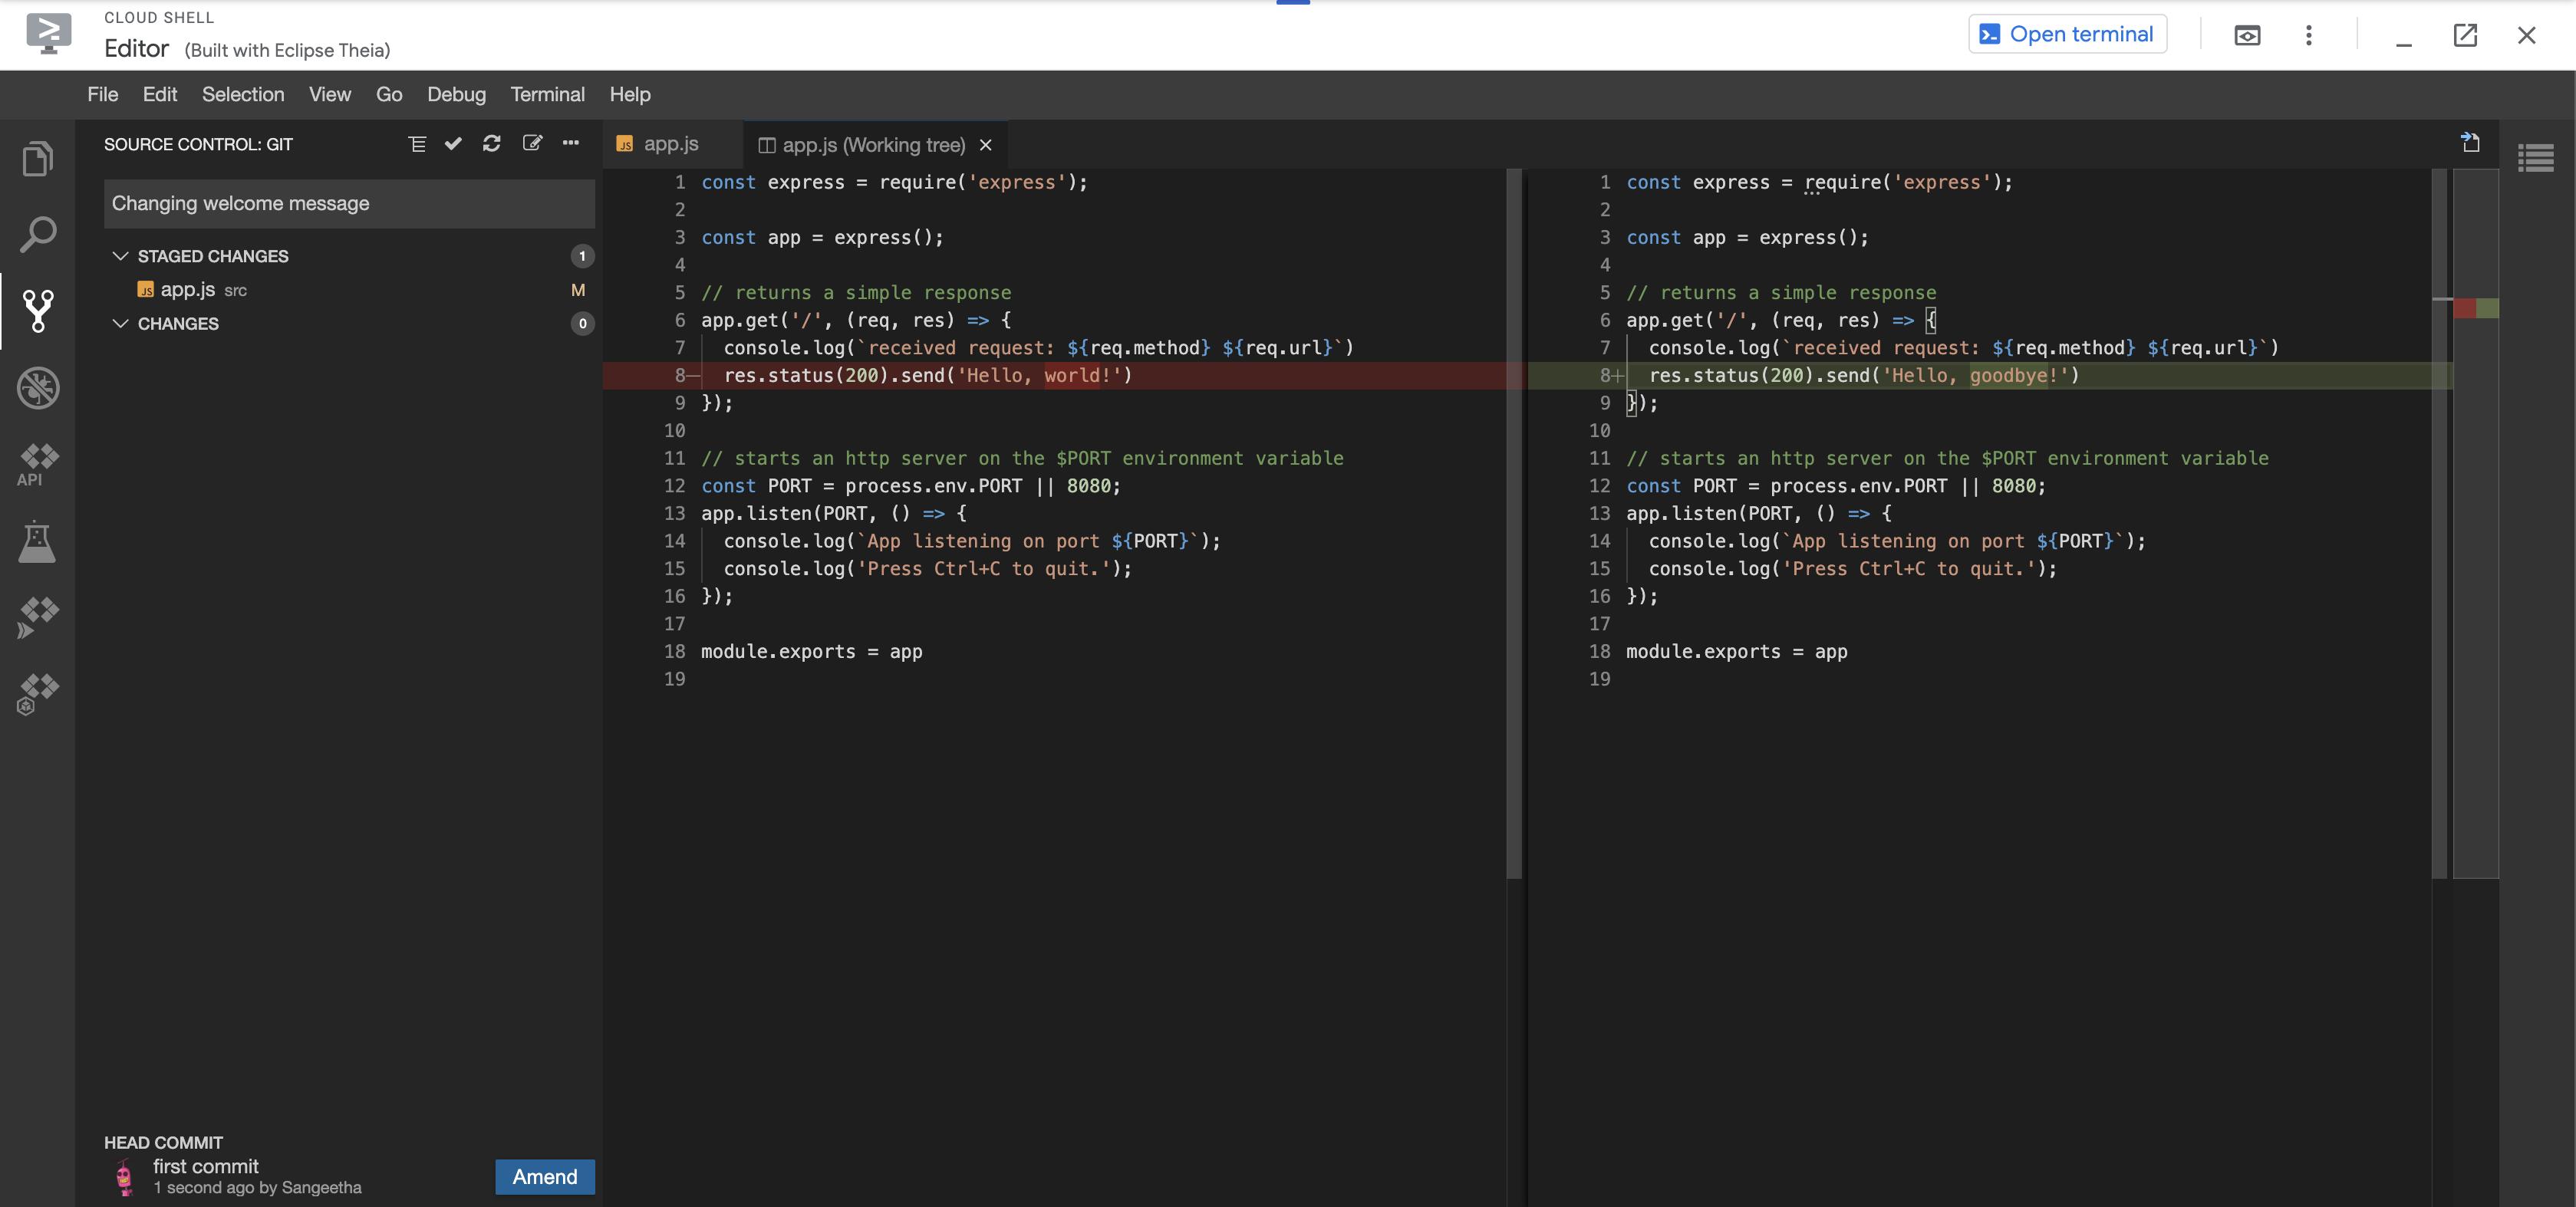 古い app.js と修正済み app.js の相違を示す commit メッセージと、ツリービューに表示される段階的な変更